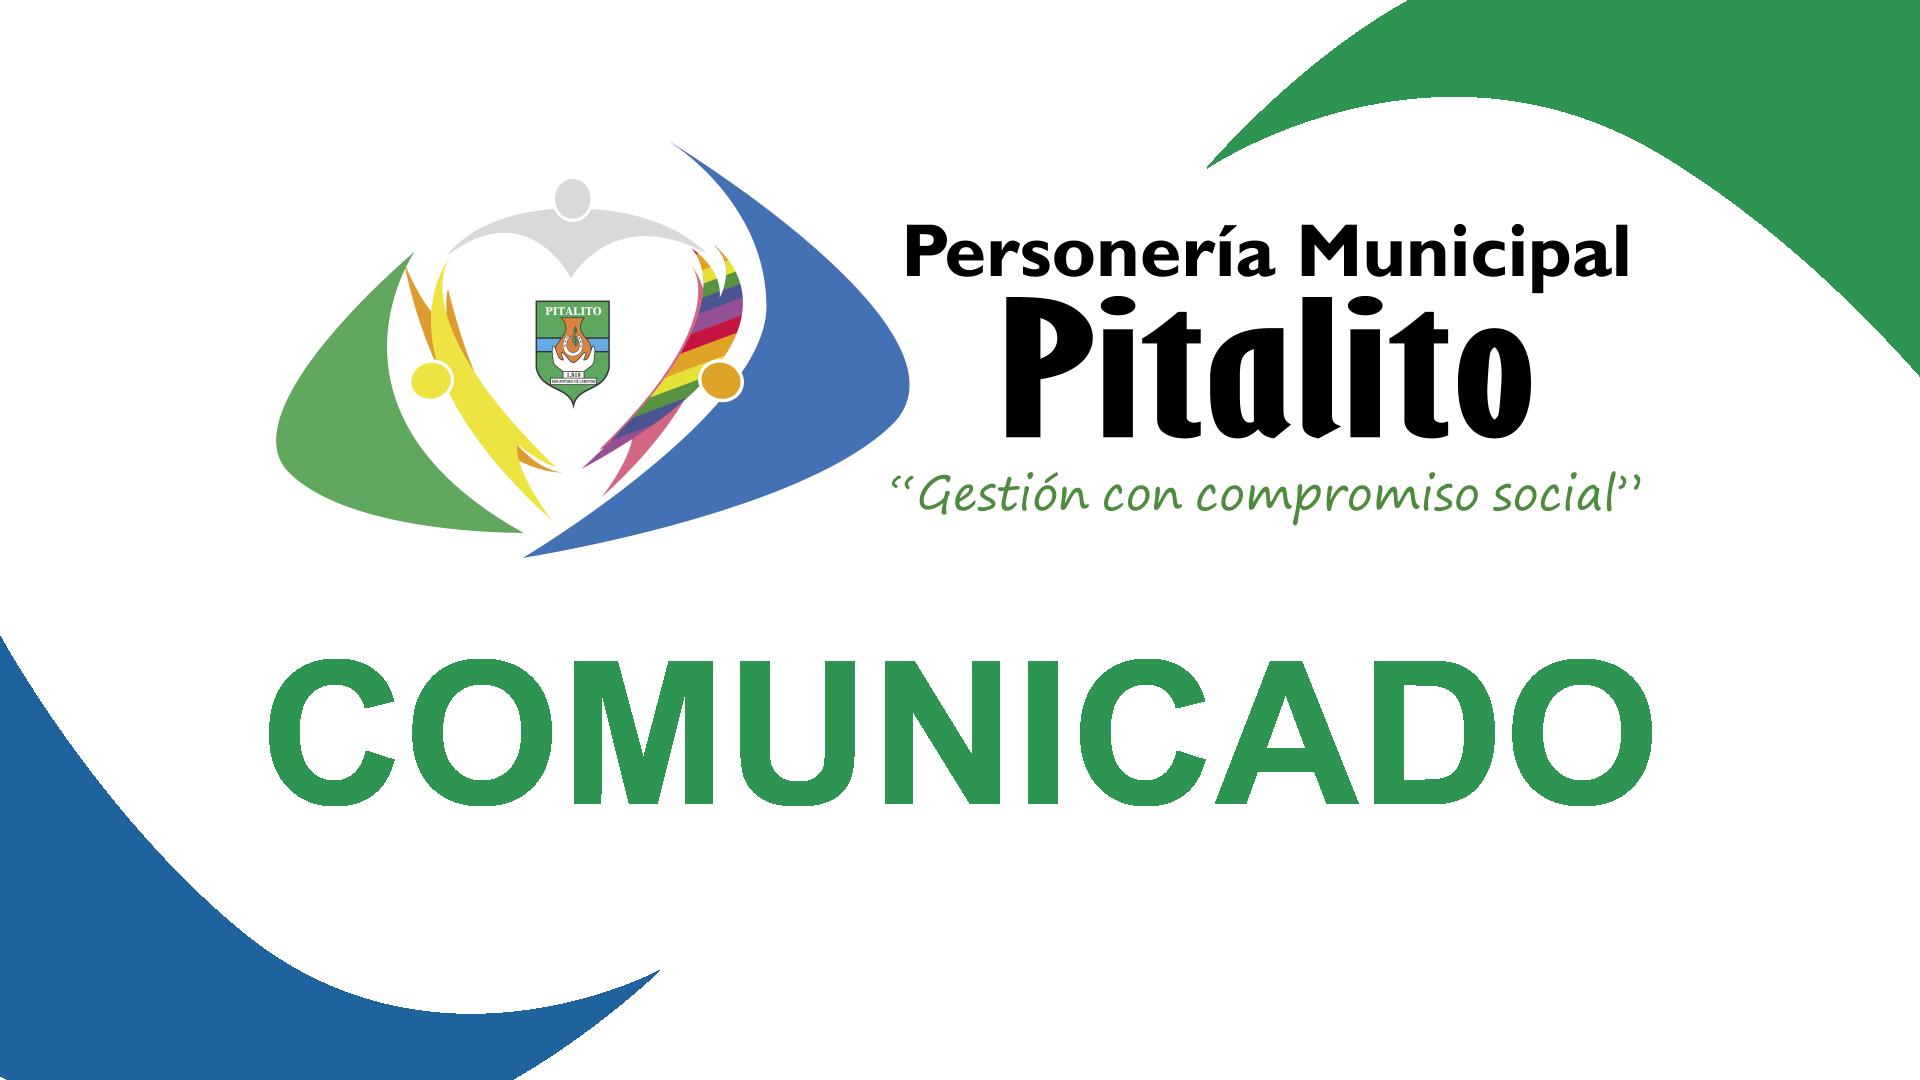 Comunicado Personería Municipal de Pitalito